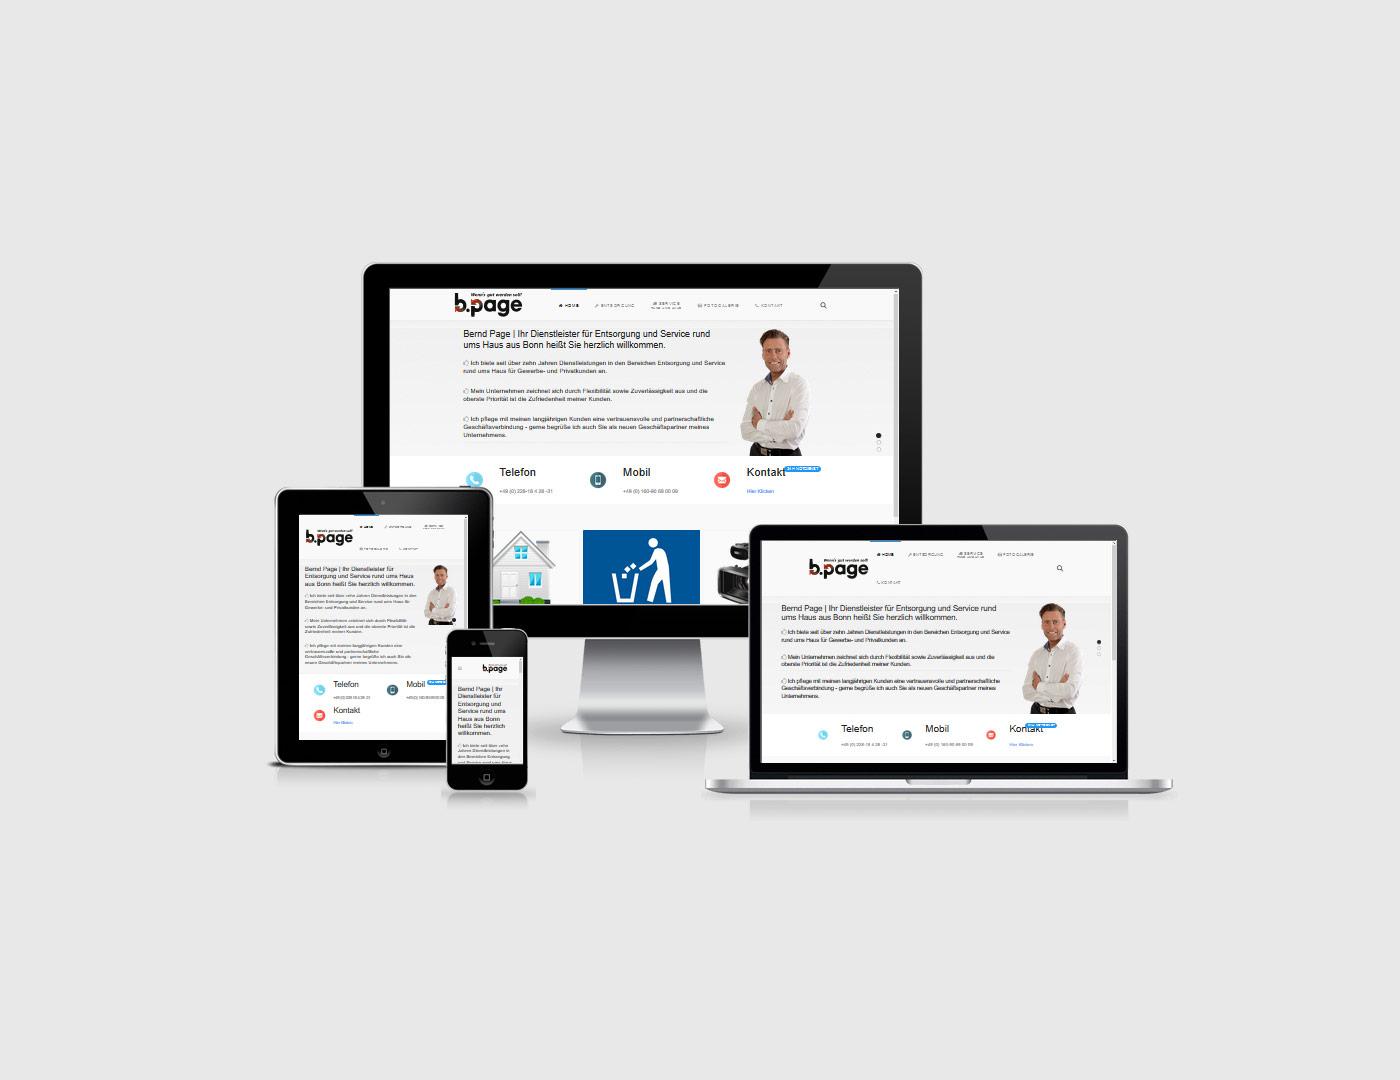 Webdesign Bad Neuenahr-Ahrweiler hat eine neue Webseite für Entsorgungsunternehmen Page erstellt